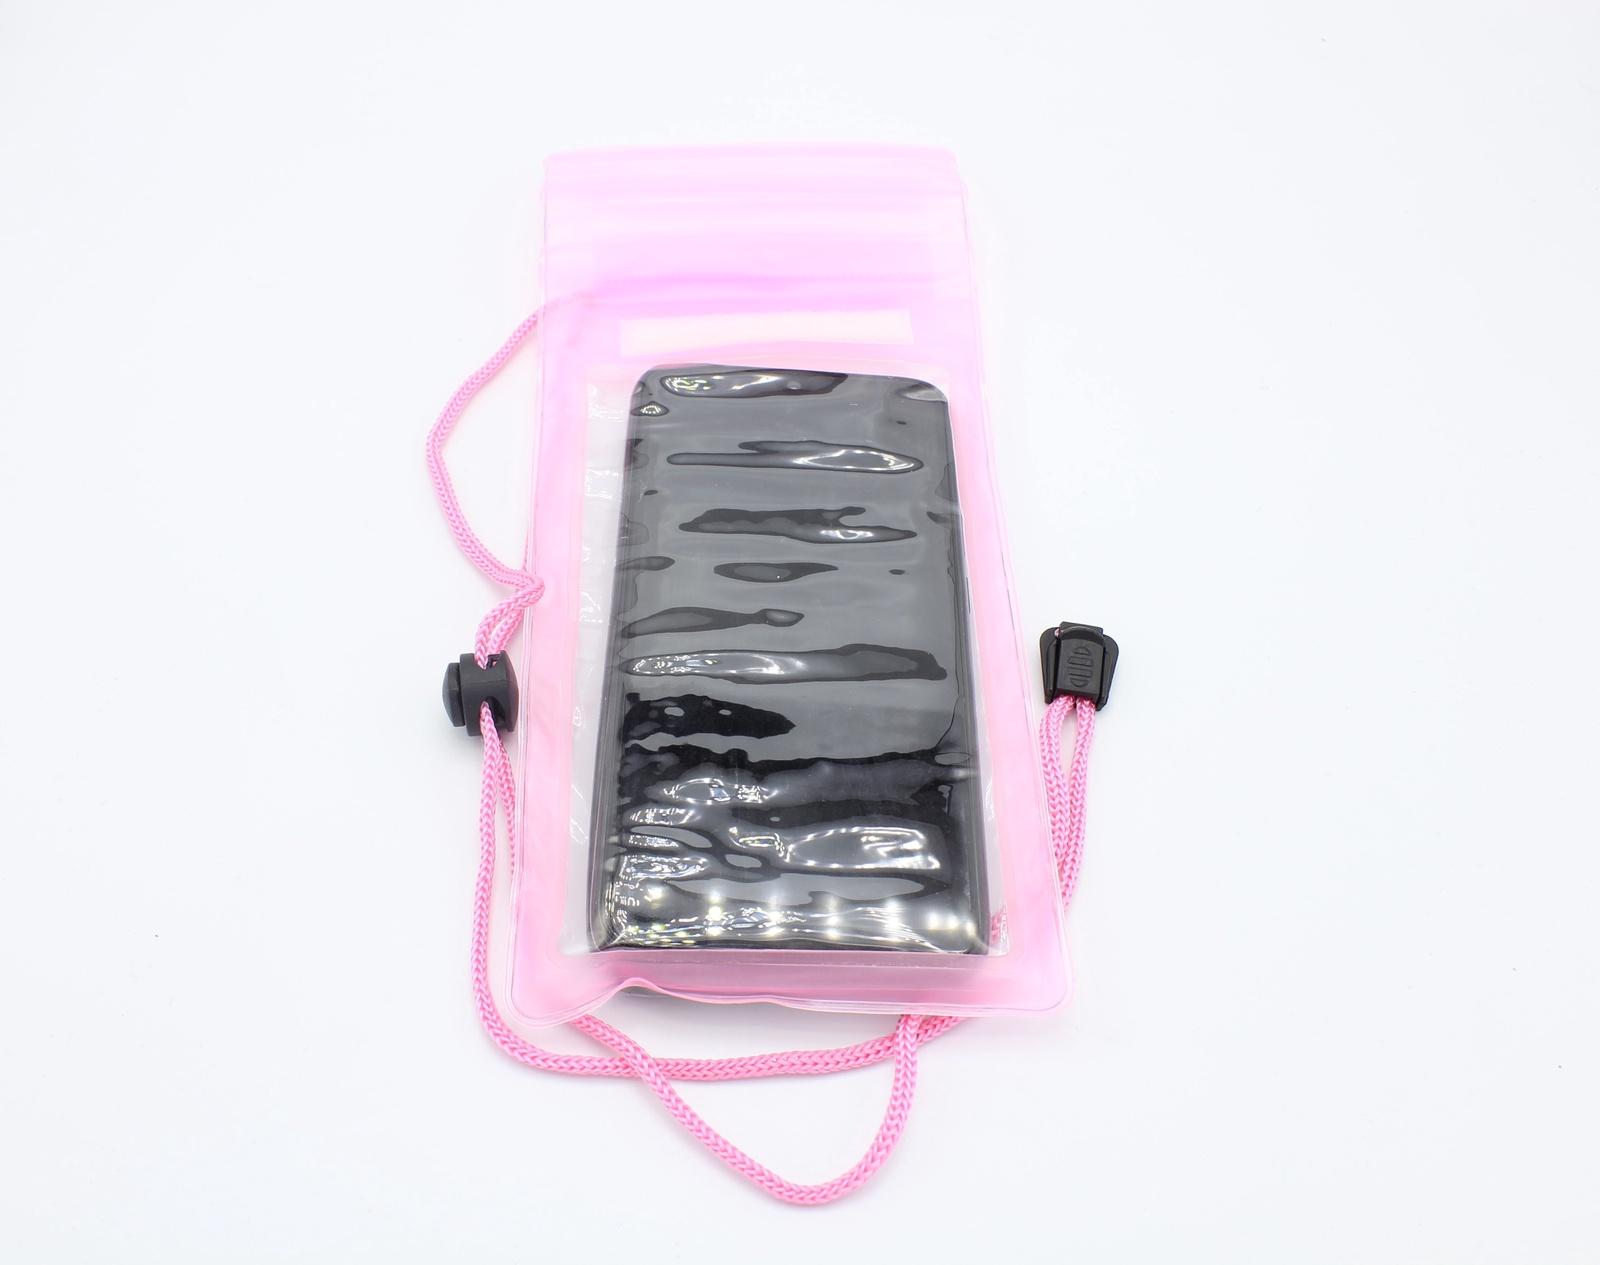 Водонепроницаемый чехол для телефона универсальный без компаса, розовый водонепроницаемый чехол для телефона спб